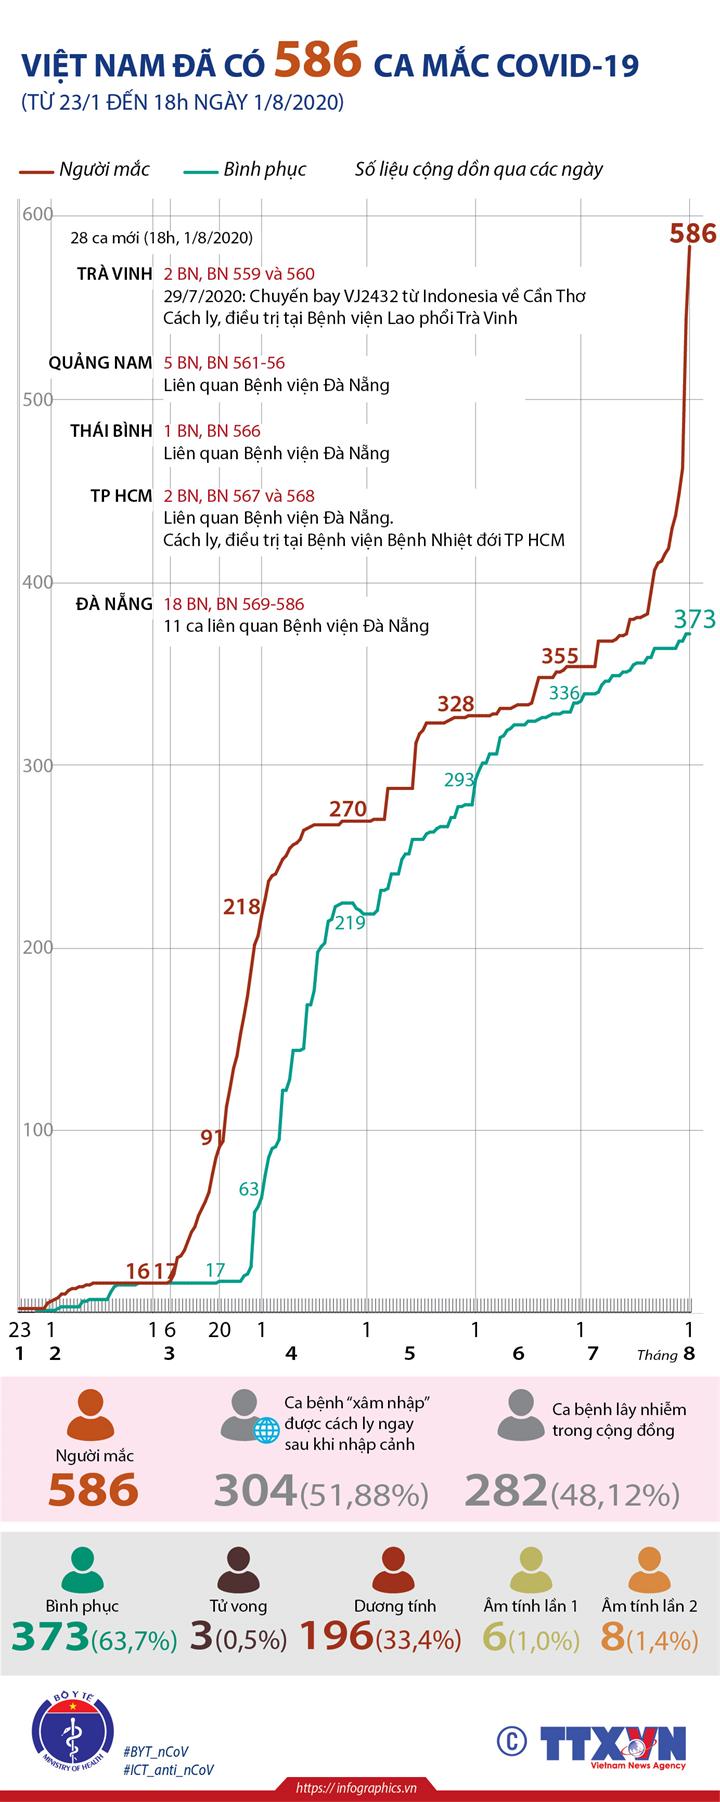 Việt Nam đã có 586 ca mắc COVID-19 (từ 23/1 đến 18h ngày 1/8/2020)